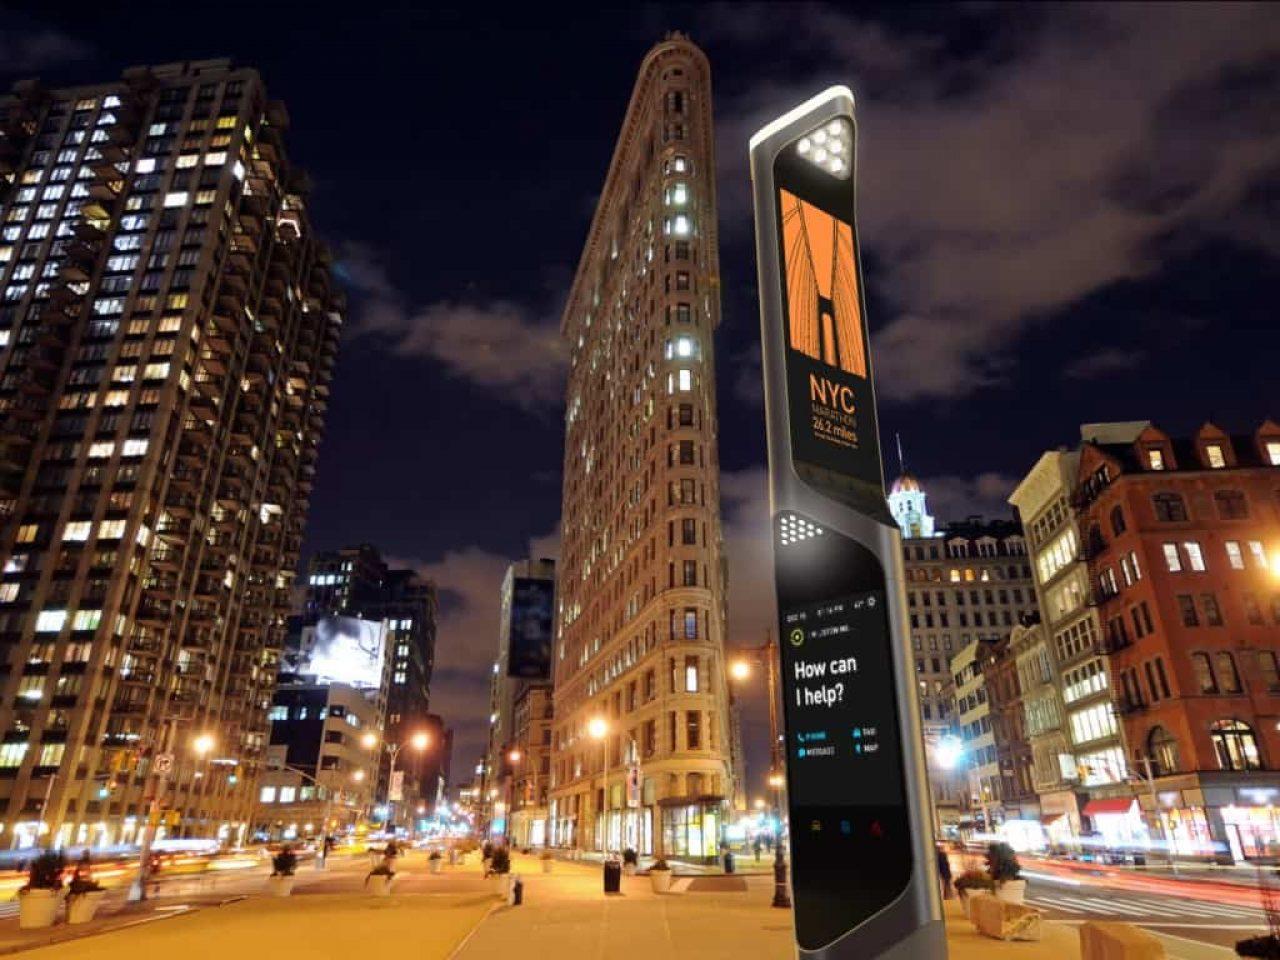 NYC Beacon (Reinvent Payphones)